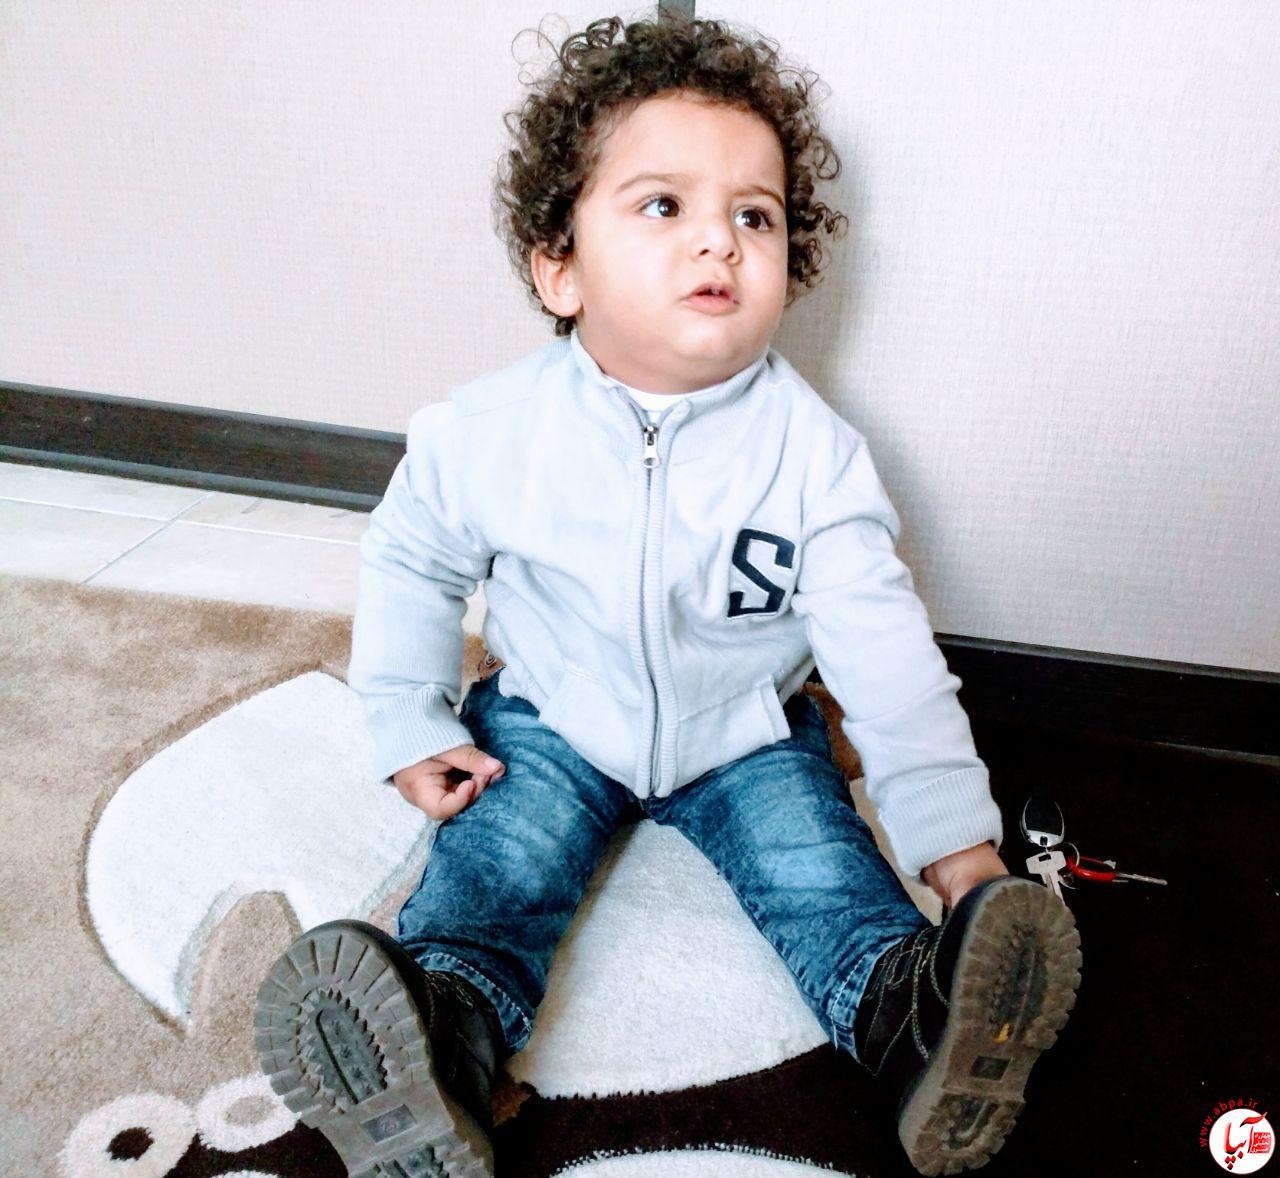 کسری-امیری گالری عکس زمستانه ی کودک آبپا